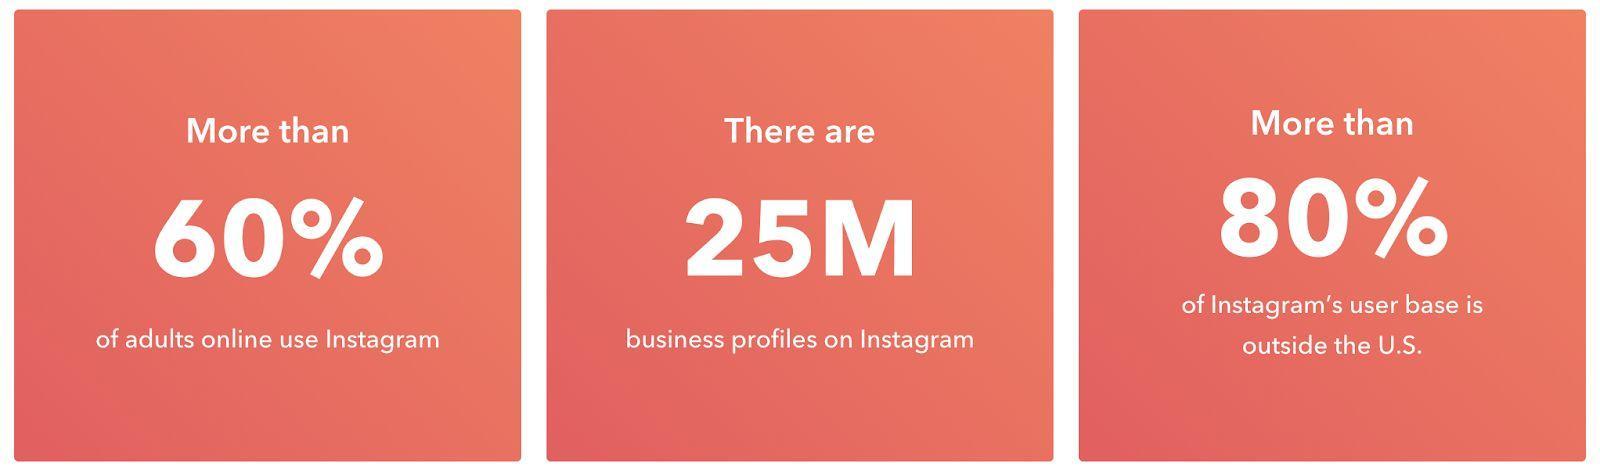 Instagram Statistics 2019